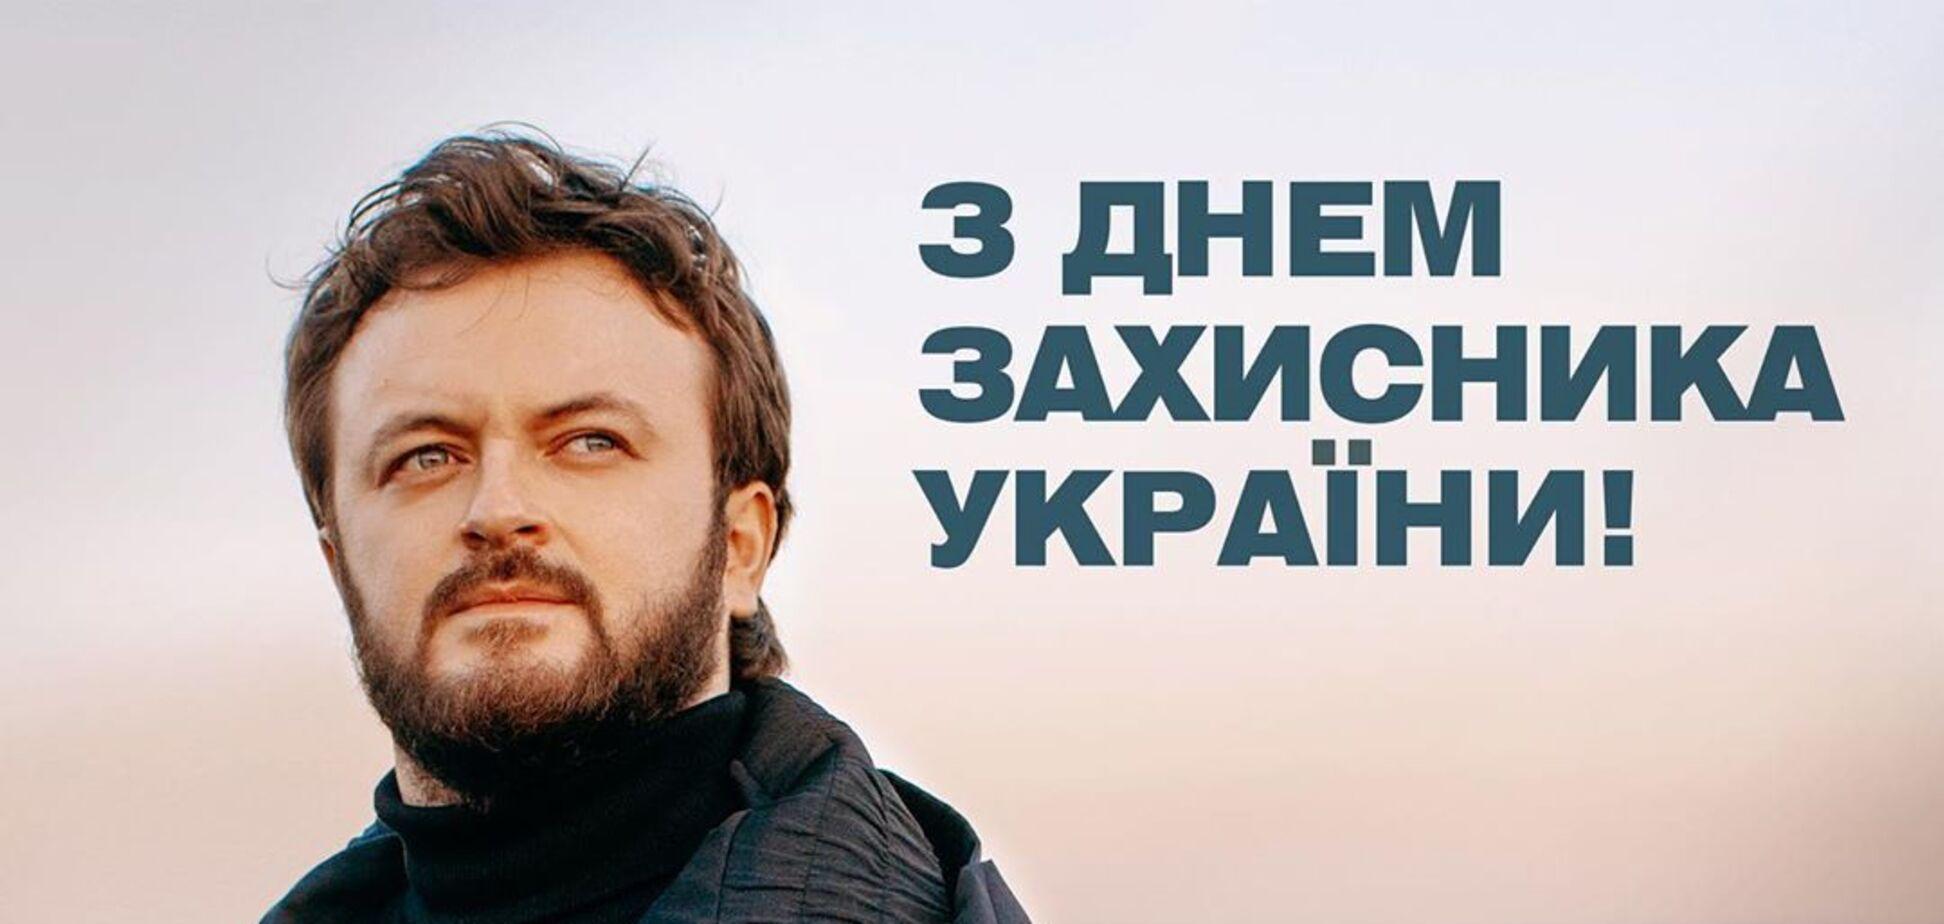 Українські зірки влаштували флешмоб поздоровлень воїнів з Днем захисника